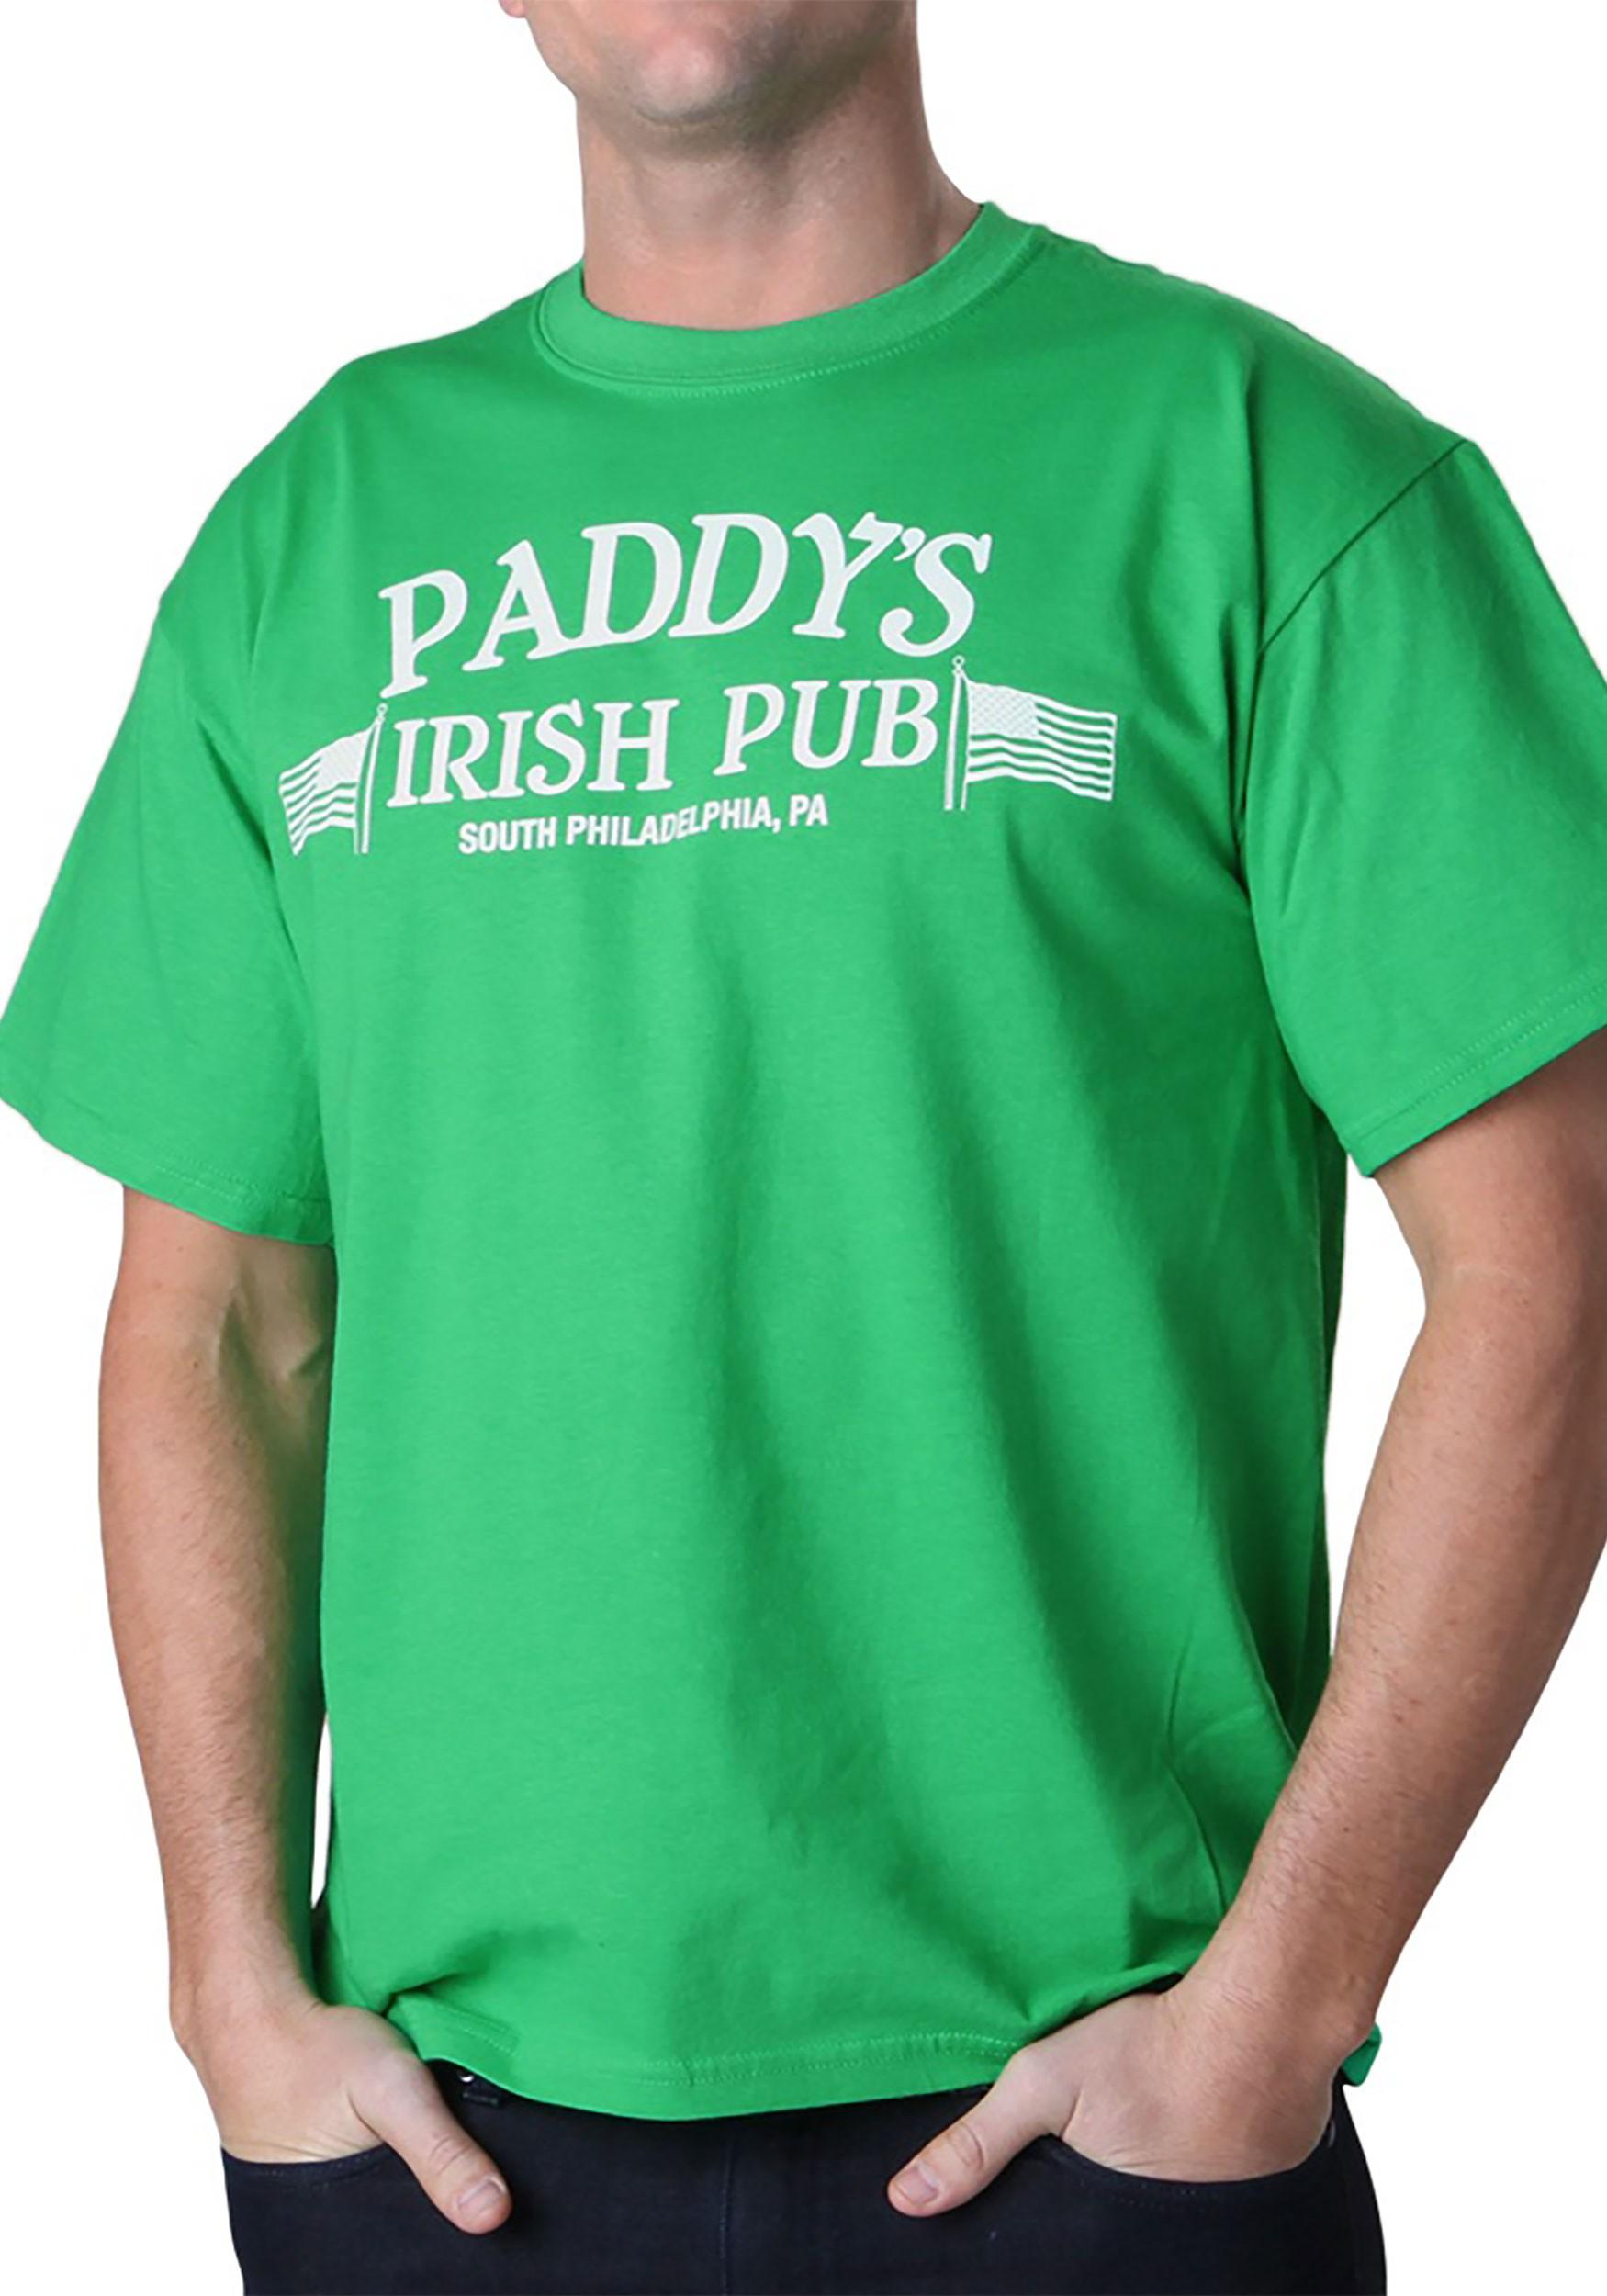 Always Sunny in Philadelphia Men's Paddy's Irish Pub T-Shirt